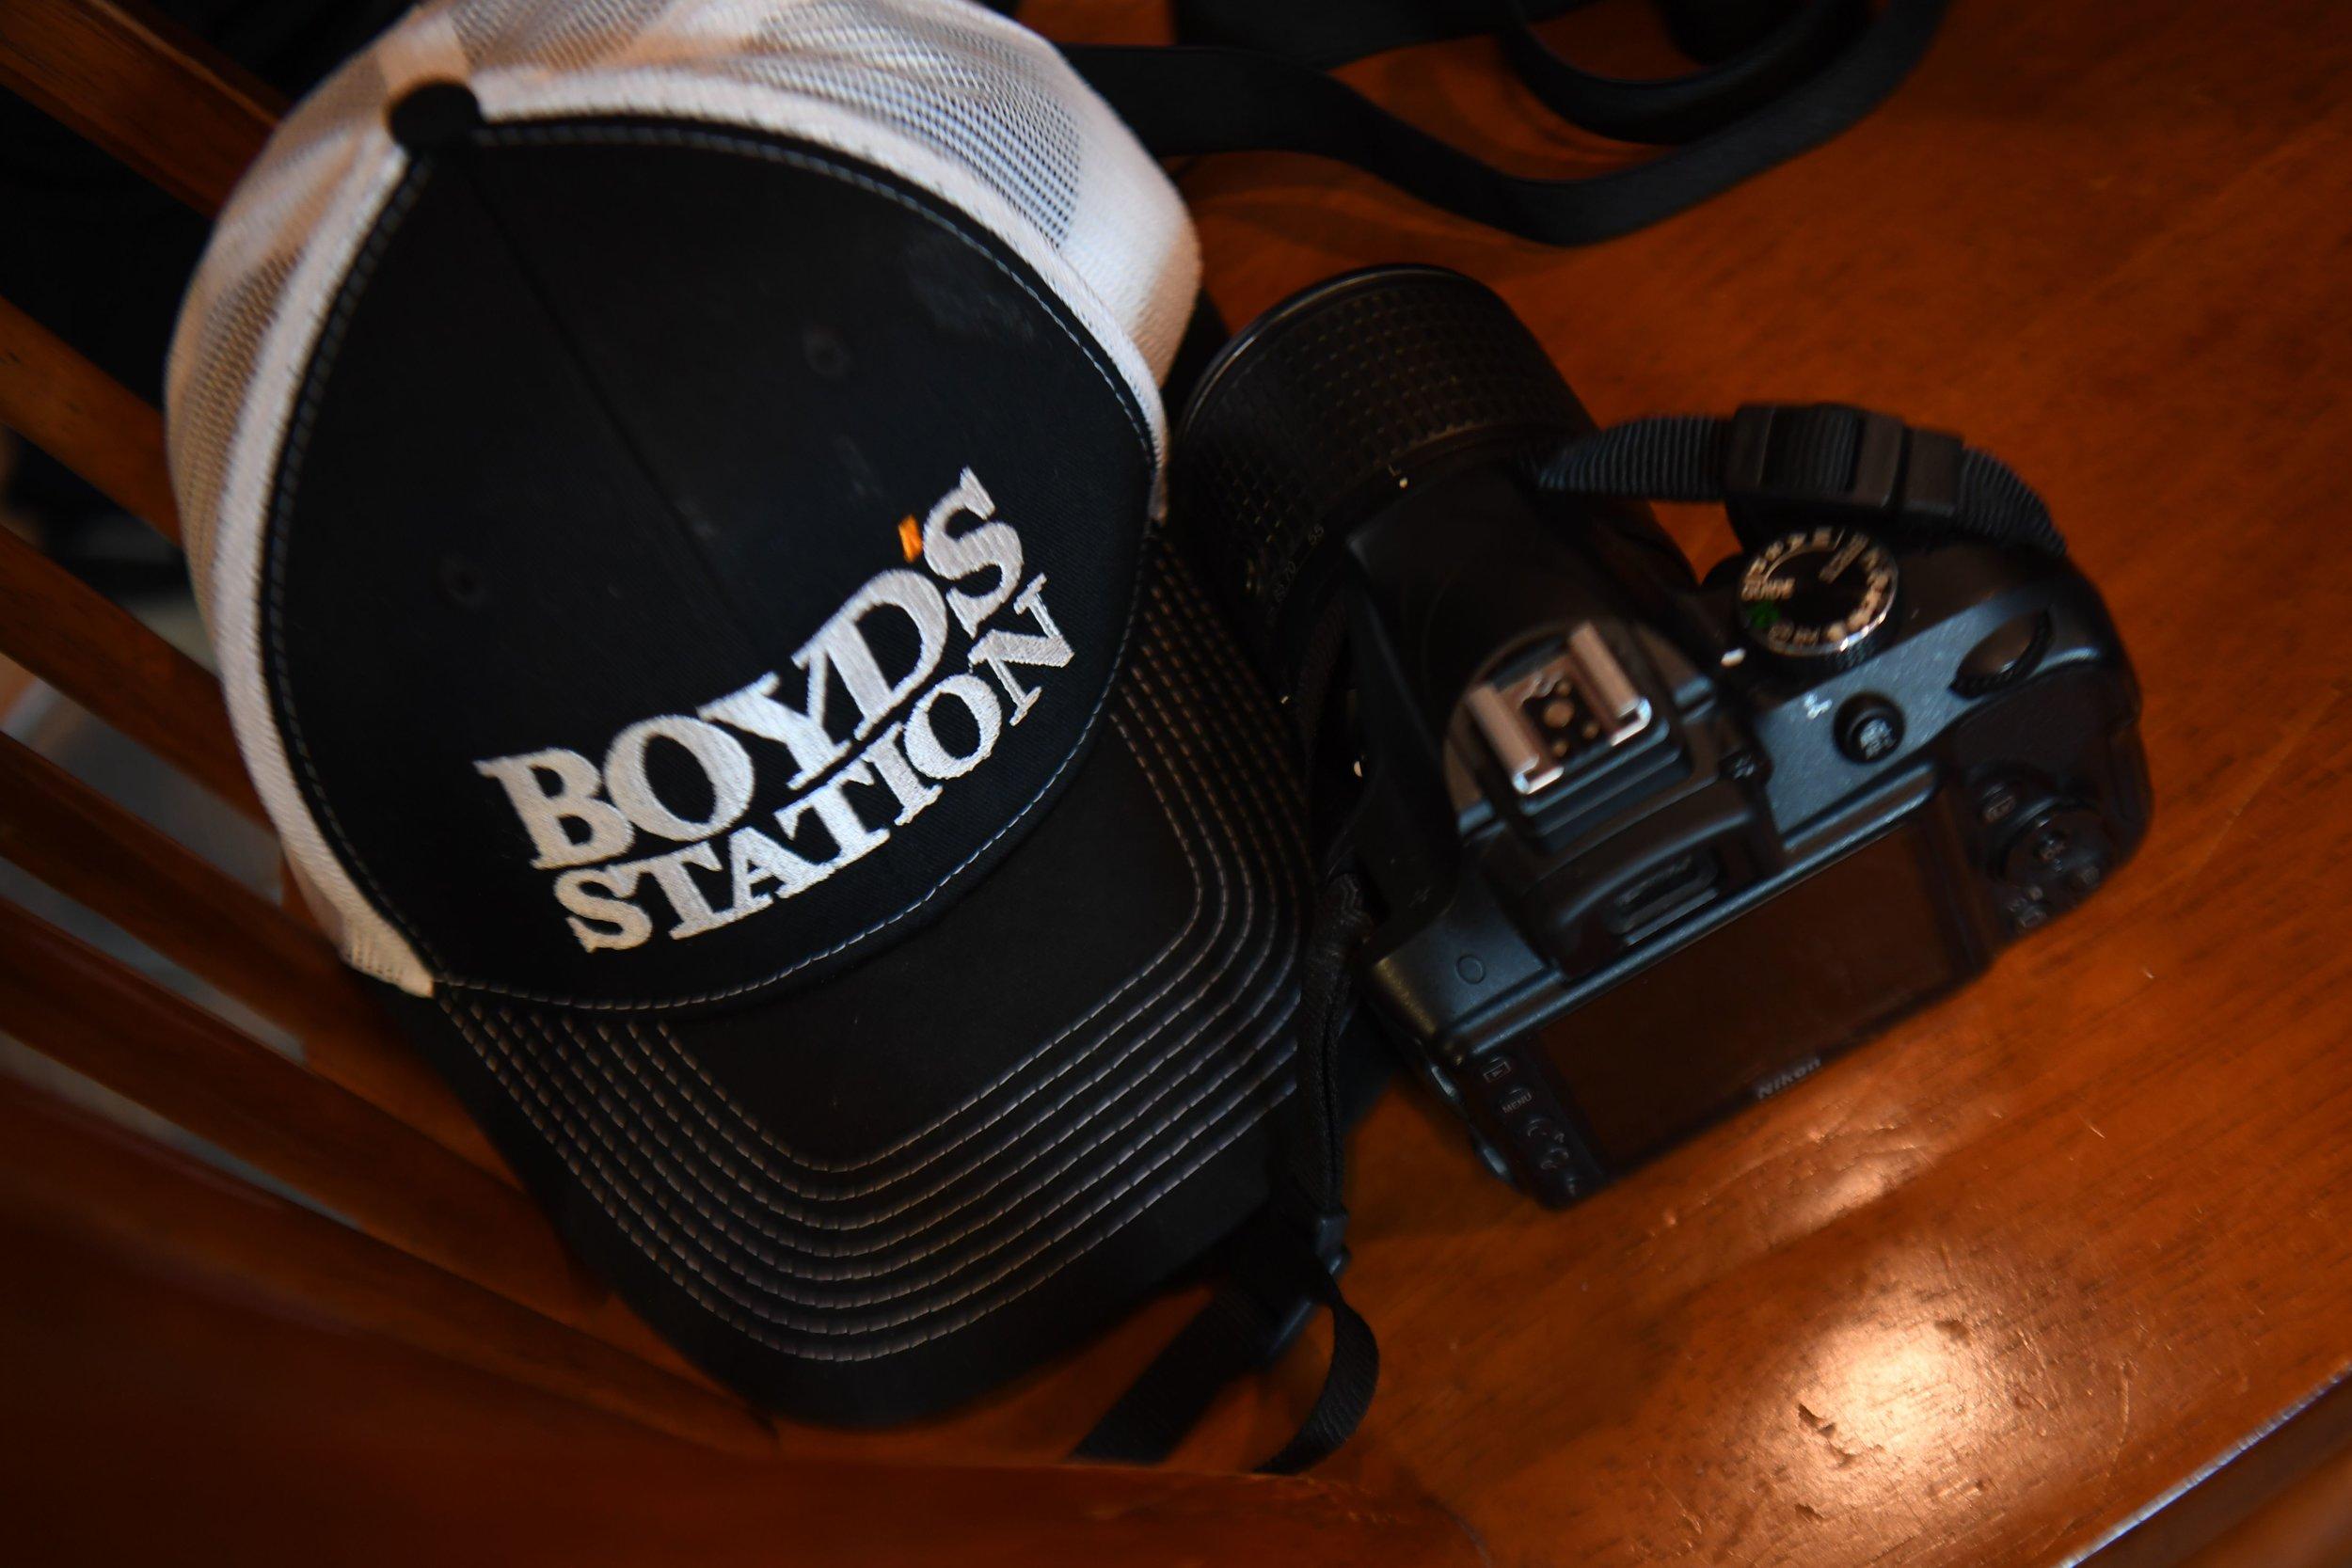 Boyd's Station